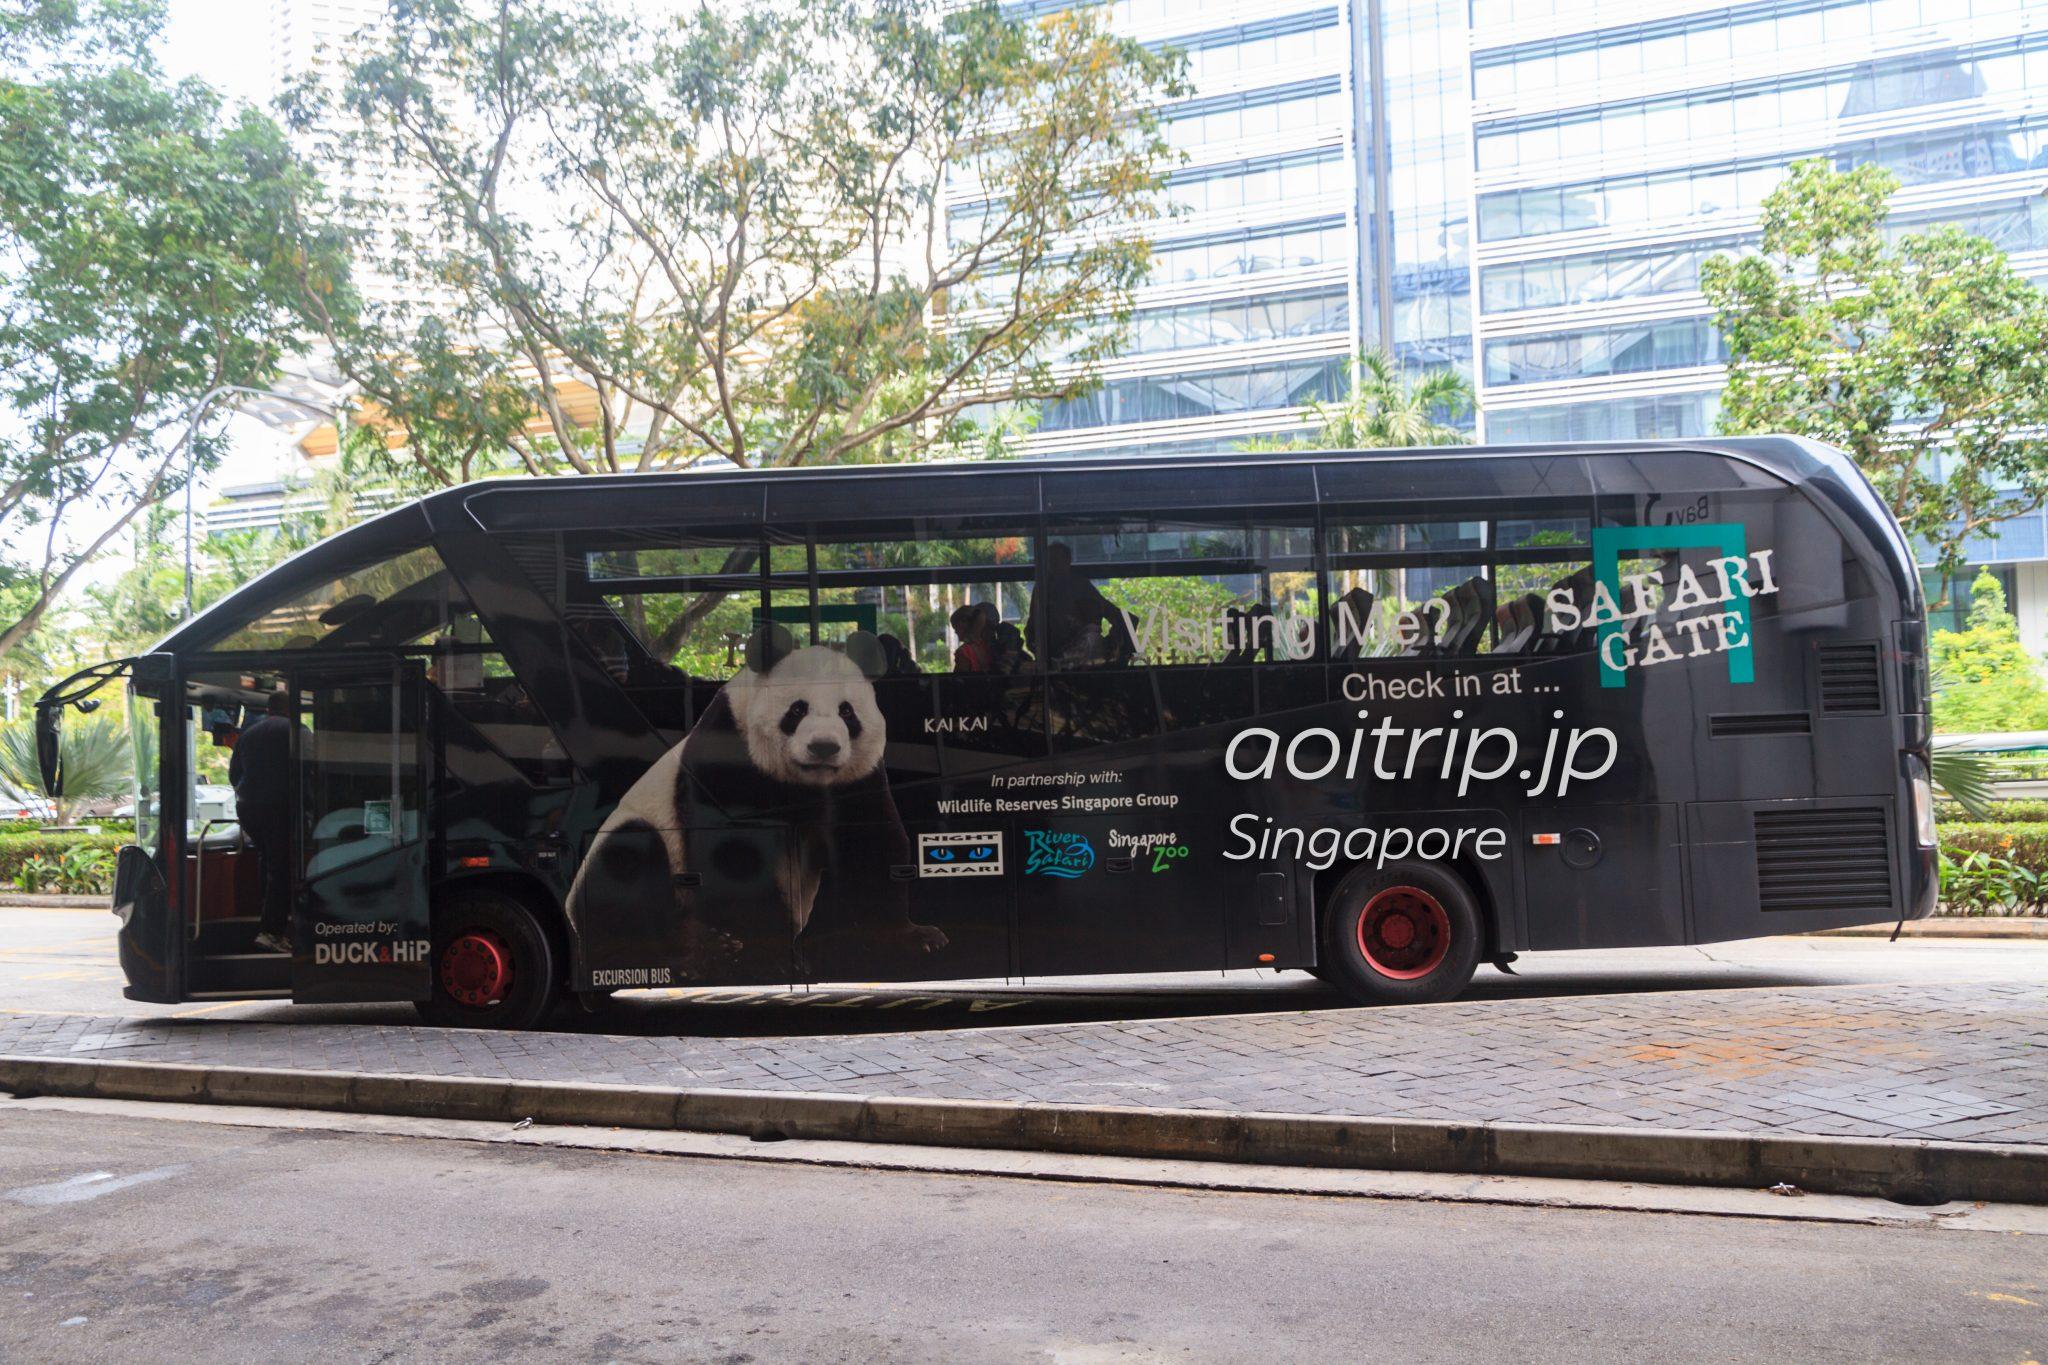 シンガポール サファリゲートのバス